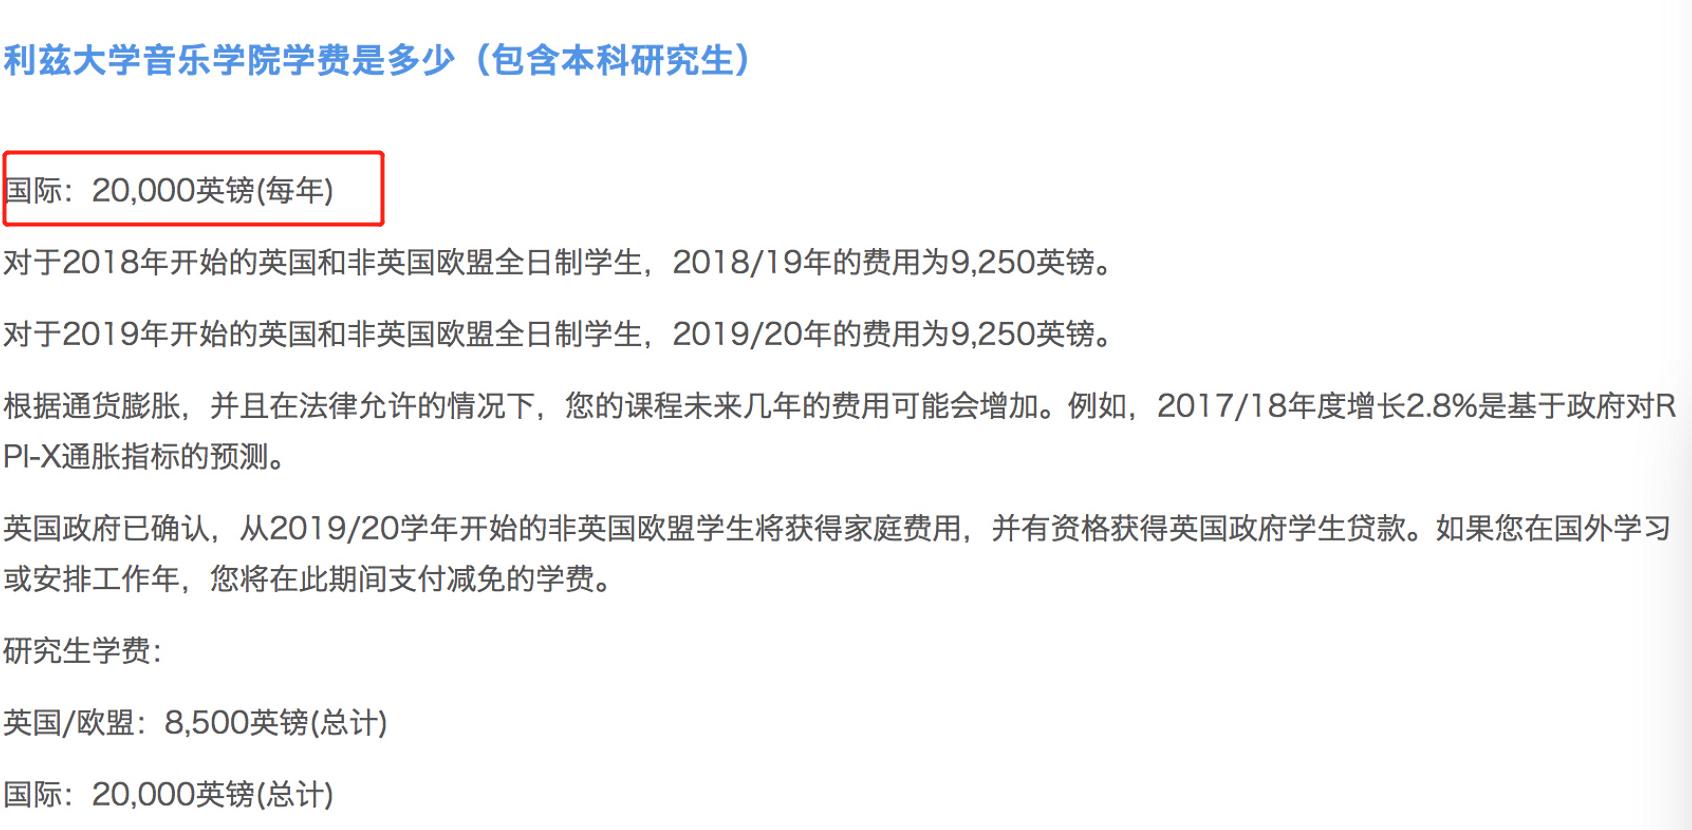 蔡徐坤赴英国留学潜心学音乐,学费曝光一年超20万